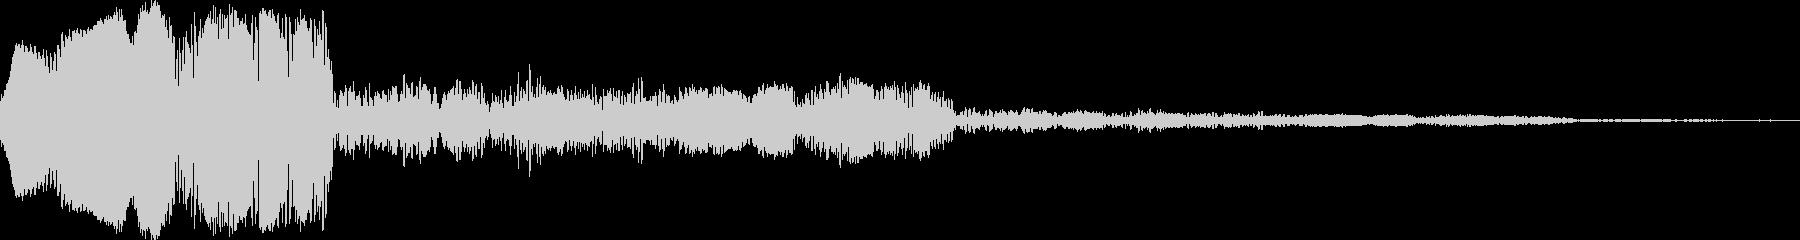 アナログFX 4の未再生の波形